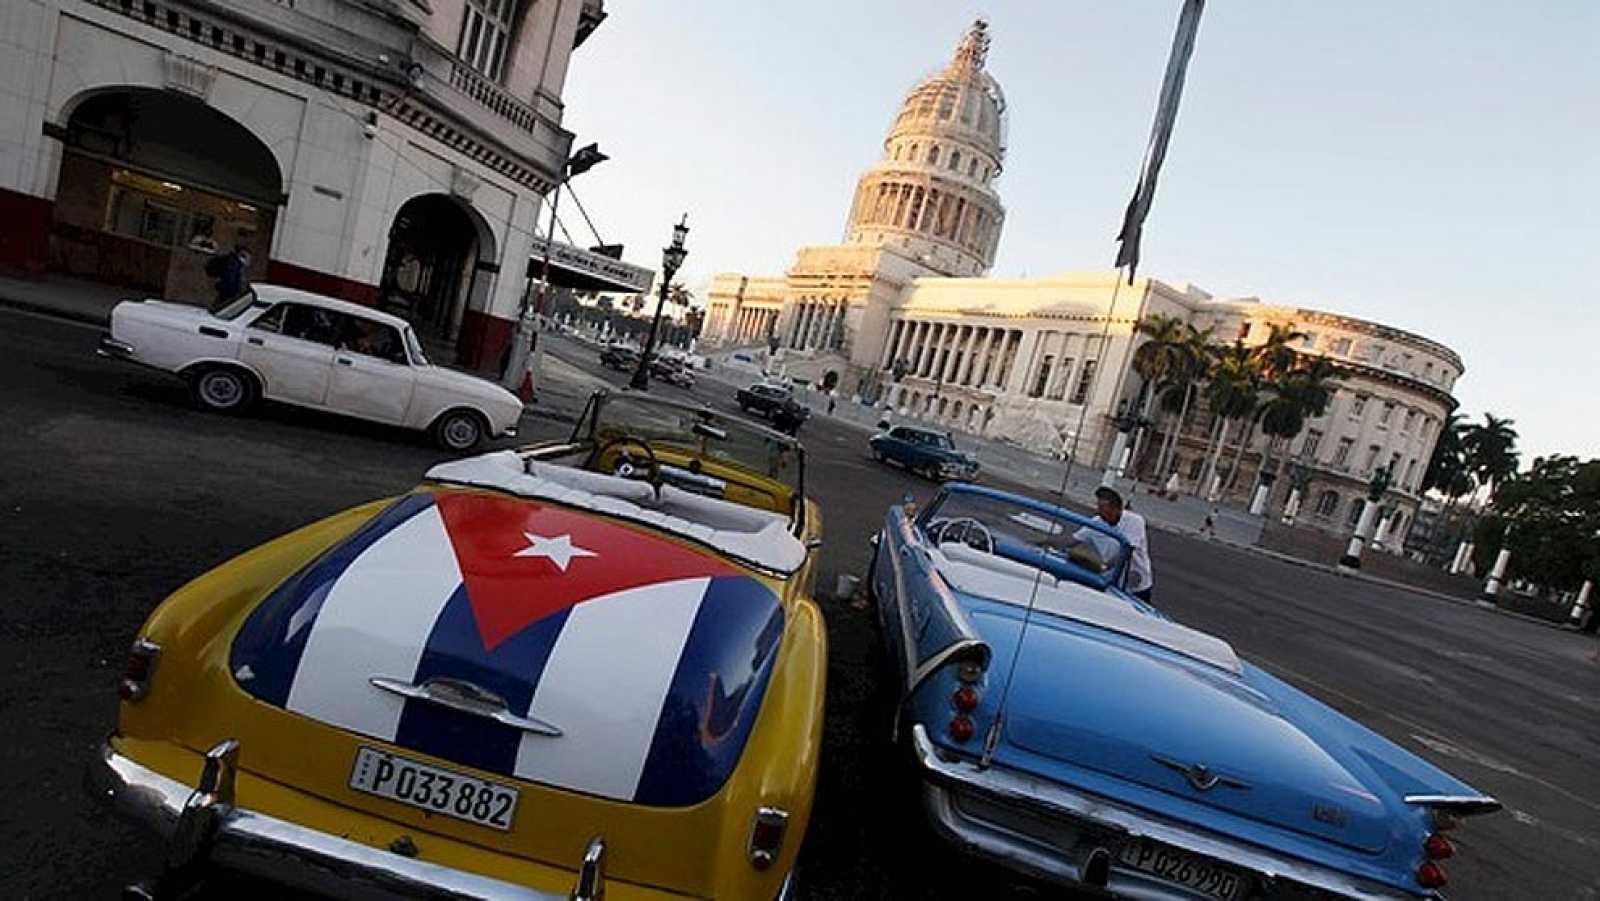 Cuba amanece esperanzada tras 53 años de bloqueo